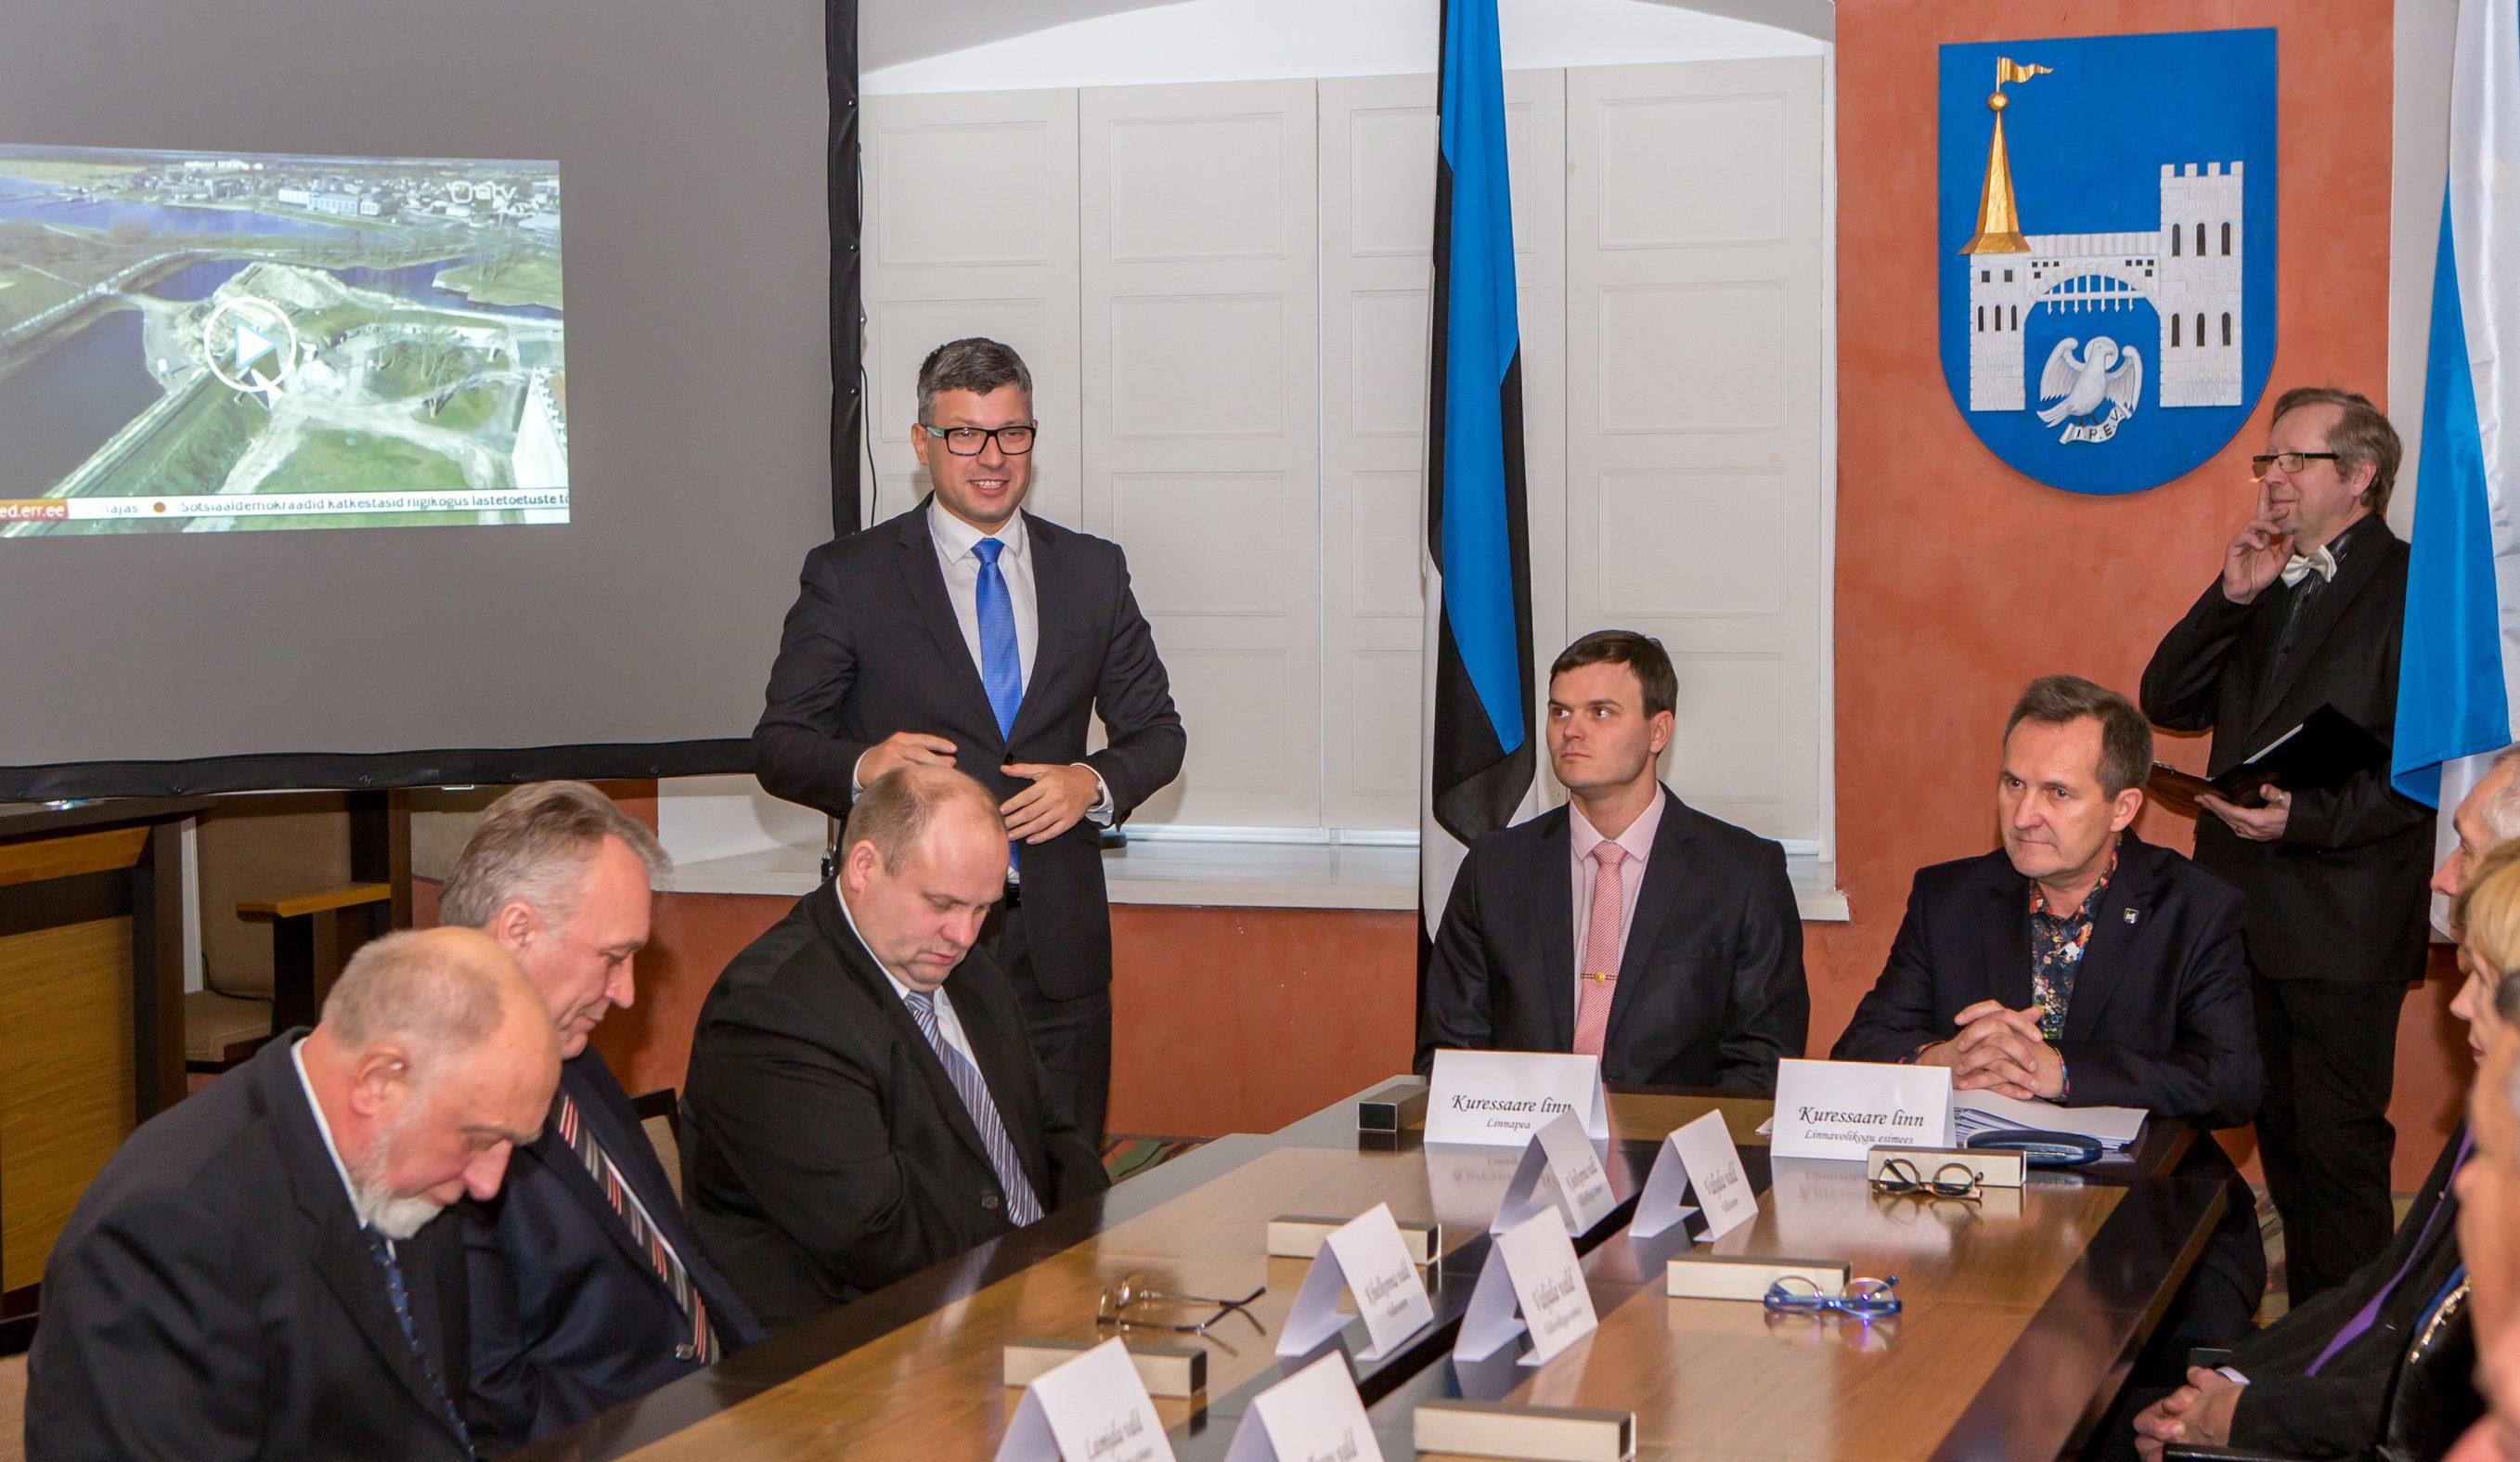 """Neljapäeval Saaremaa valla ühinemislepingu allkirjastamisel viibinud riigihalduse minister Mihhail Korb väisas ka lepingust eemale jäänud Pöide valda, kus kinnitas, et valitsus jätkab haldusreformiga kehtiva seaduse järgi. """"Mõistan Pöide vallajuhtide muret […]"""